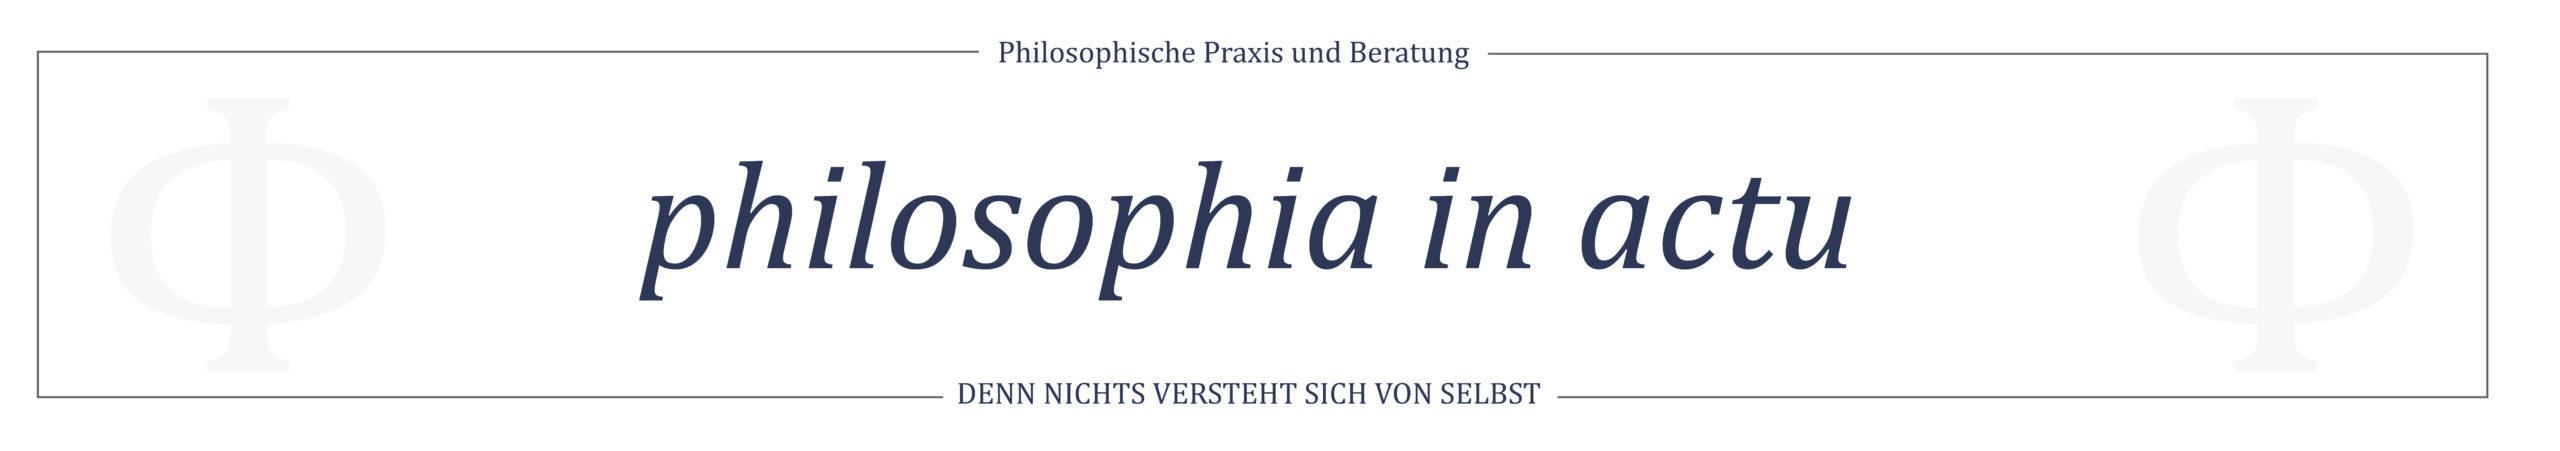 philosophia in actu